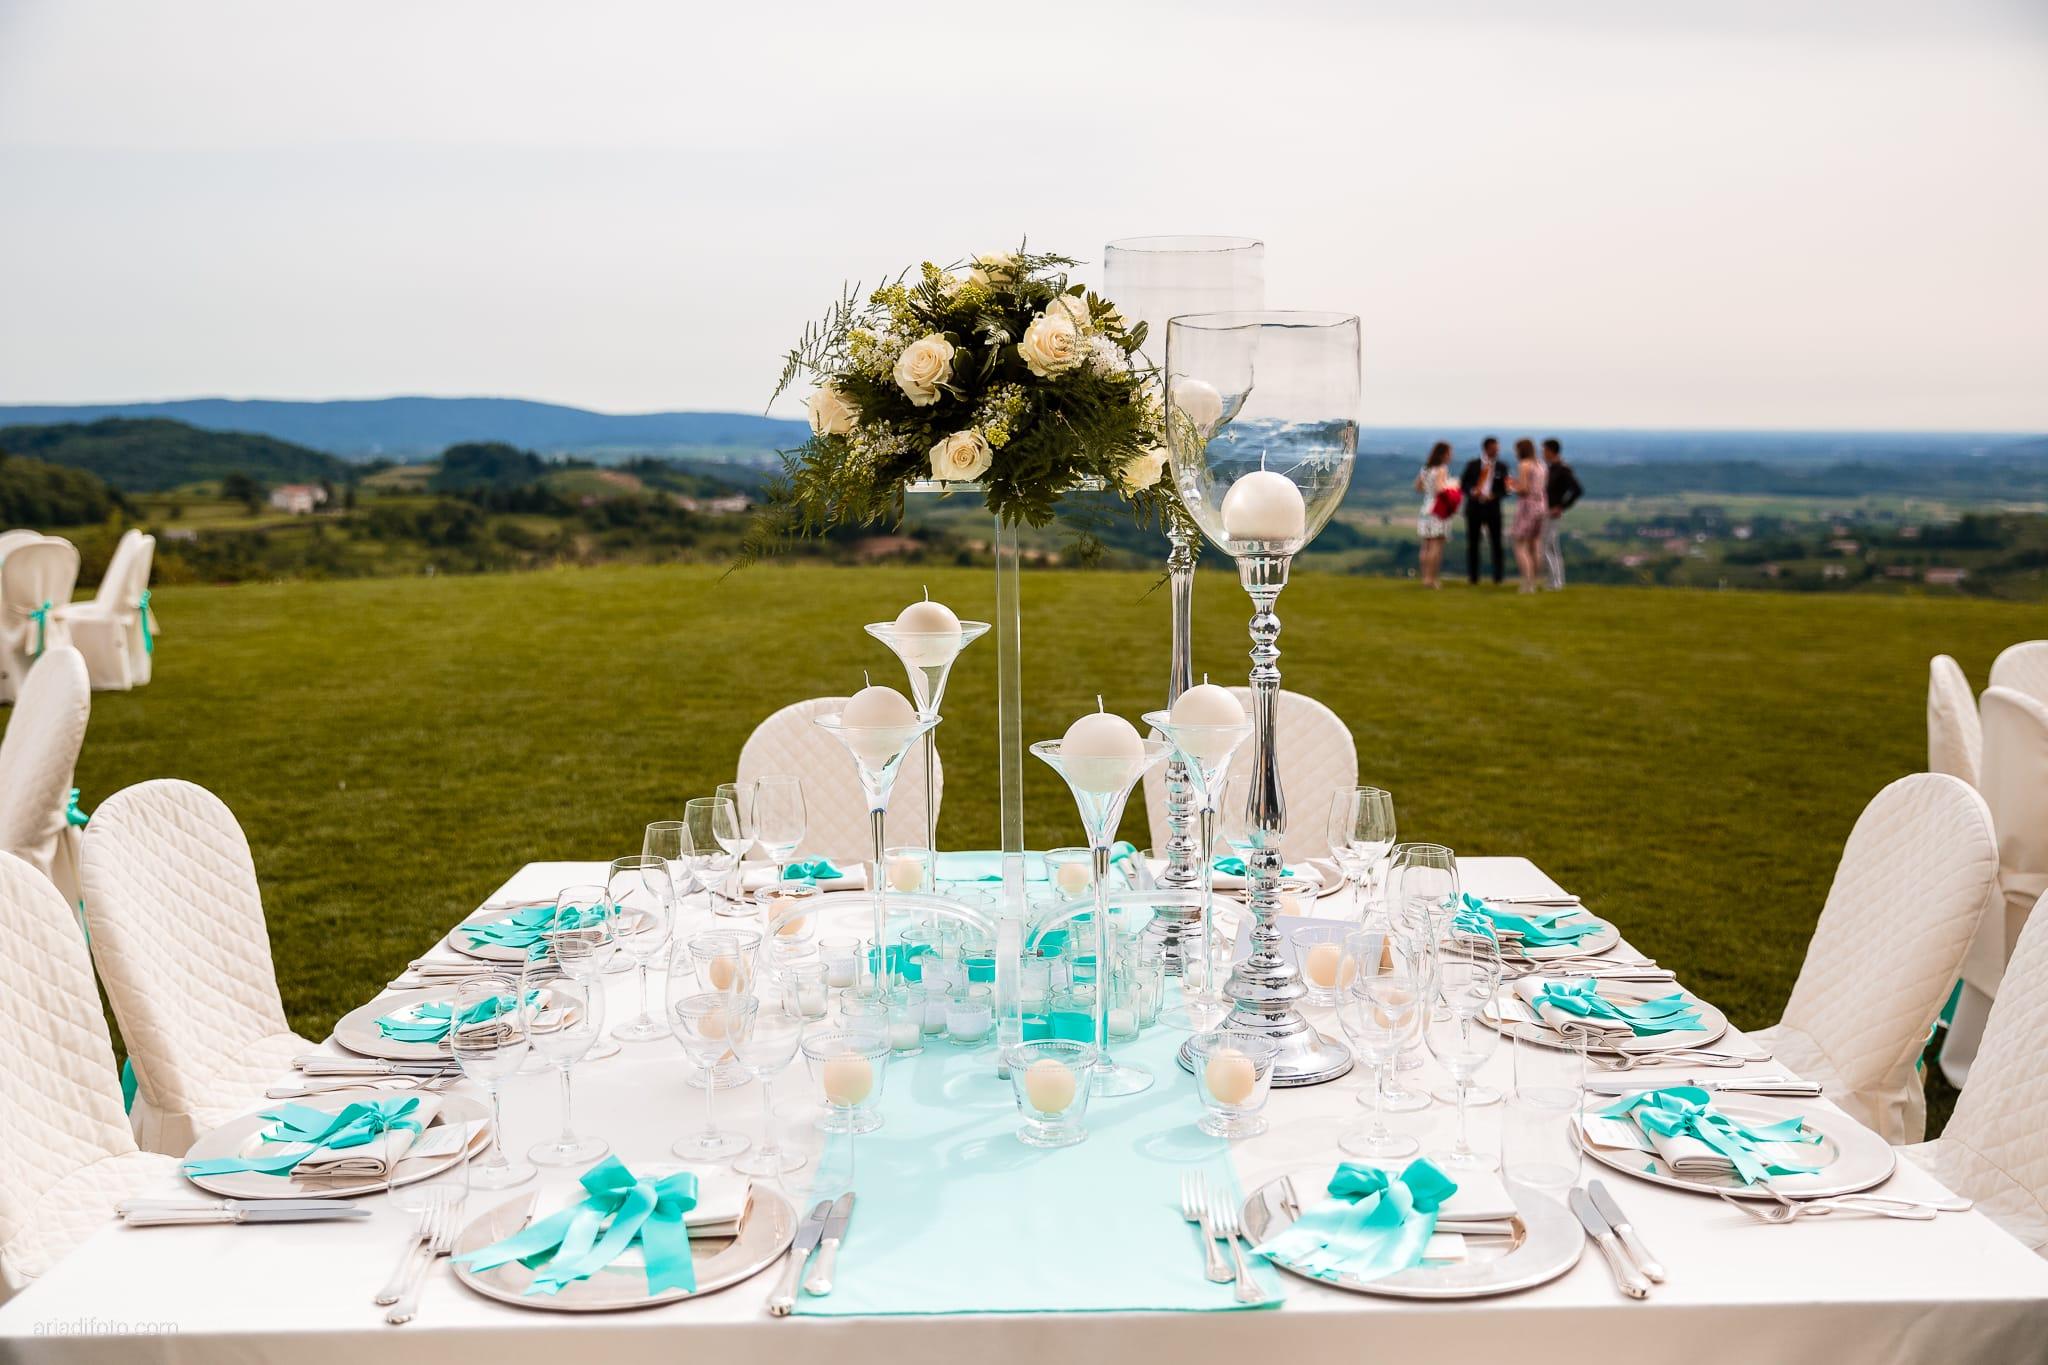 Chiara Mensur matrimonio Pradamano Baronesse Tacco San Floriano del Collio Gorizia ricevimento dettagli allestimenti decorazioni centrotavola tavoli